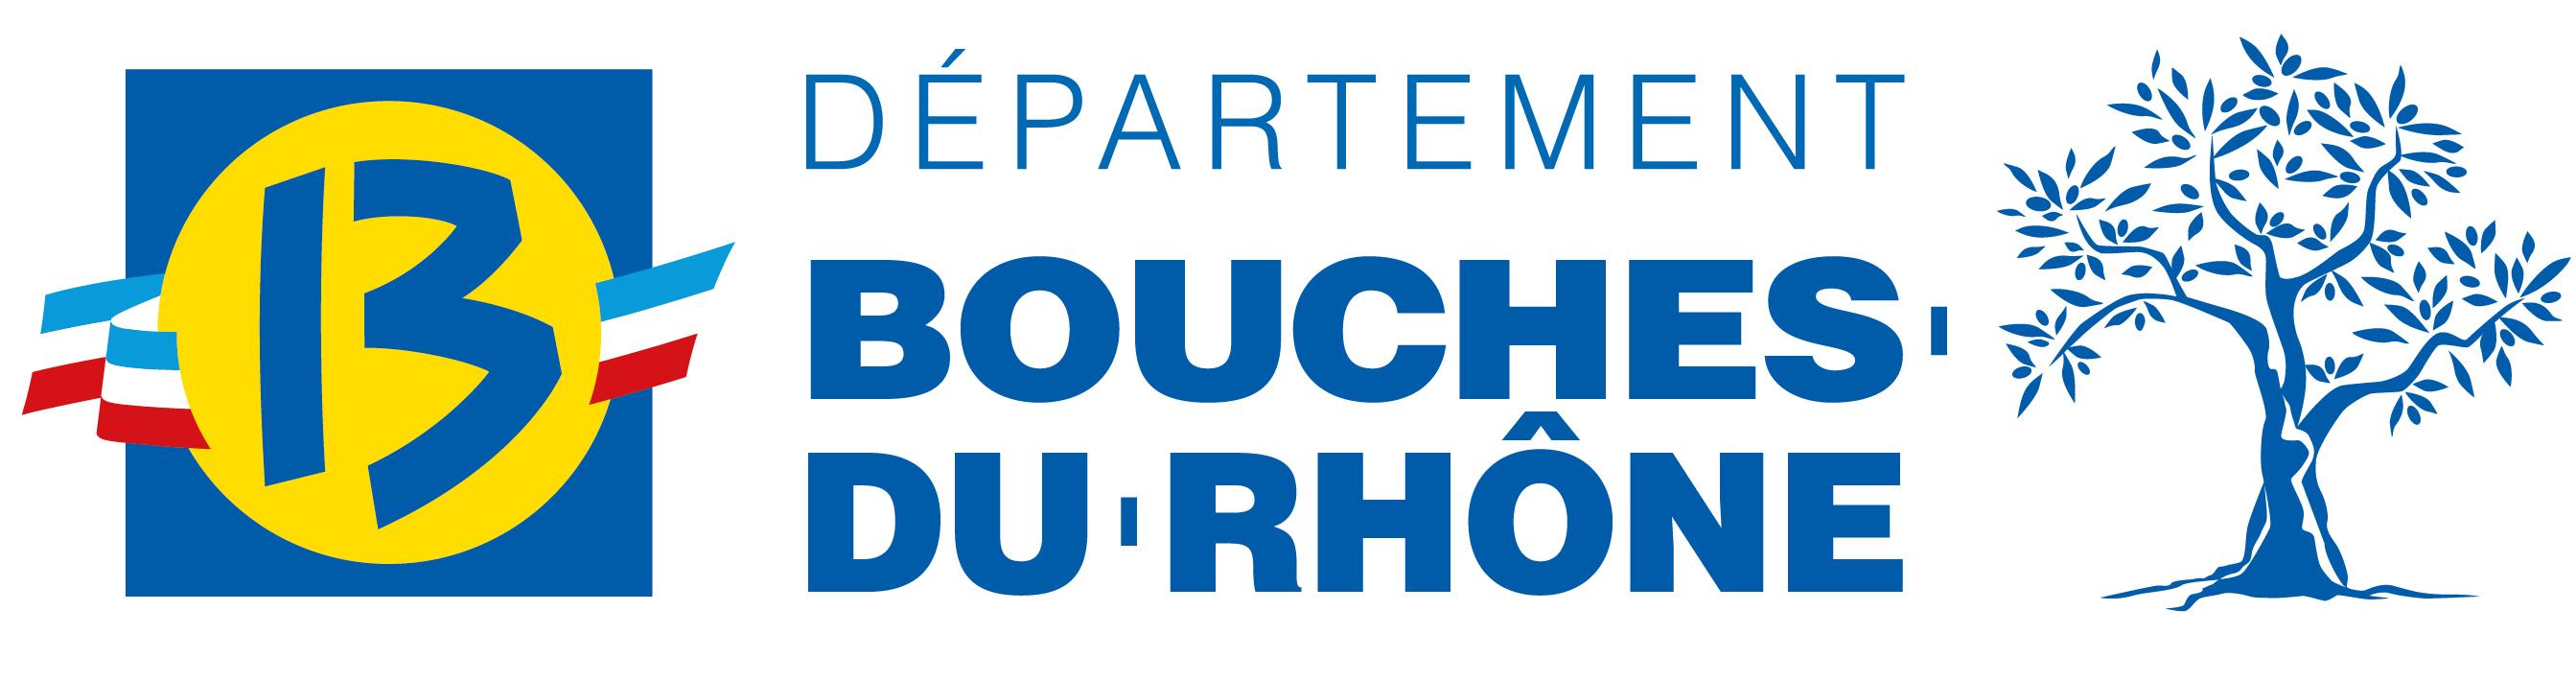 DEPARTEMENT DES BOUCHES-DU-RHONE